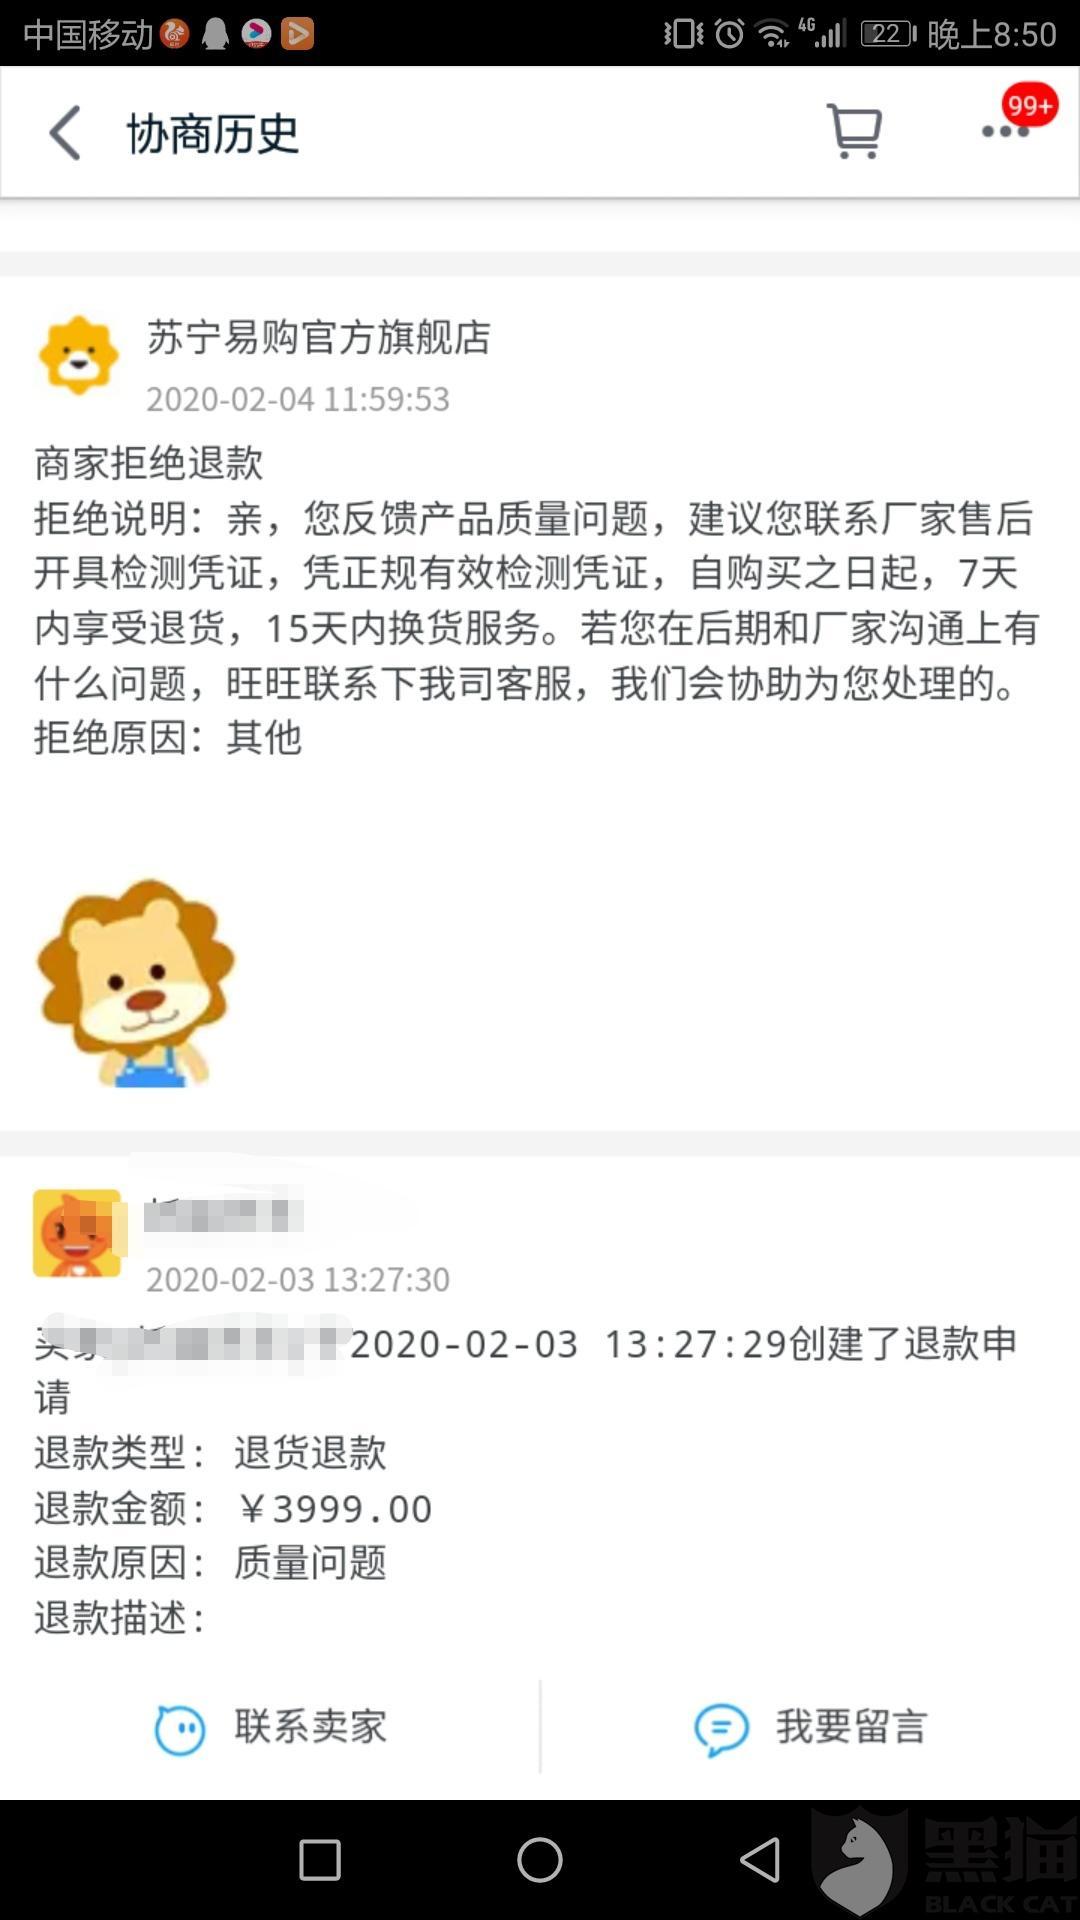 黑猫投诉:苏宁易购天猫黑点拒绝7天无理由退货退款